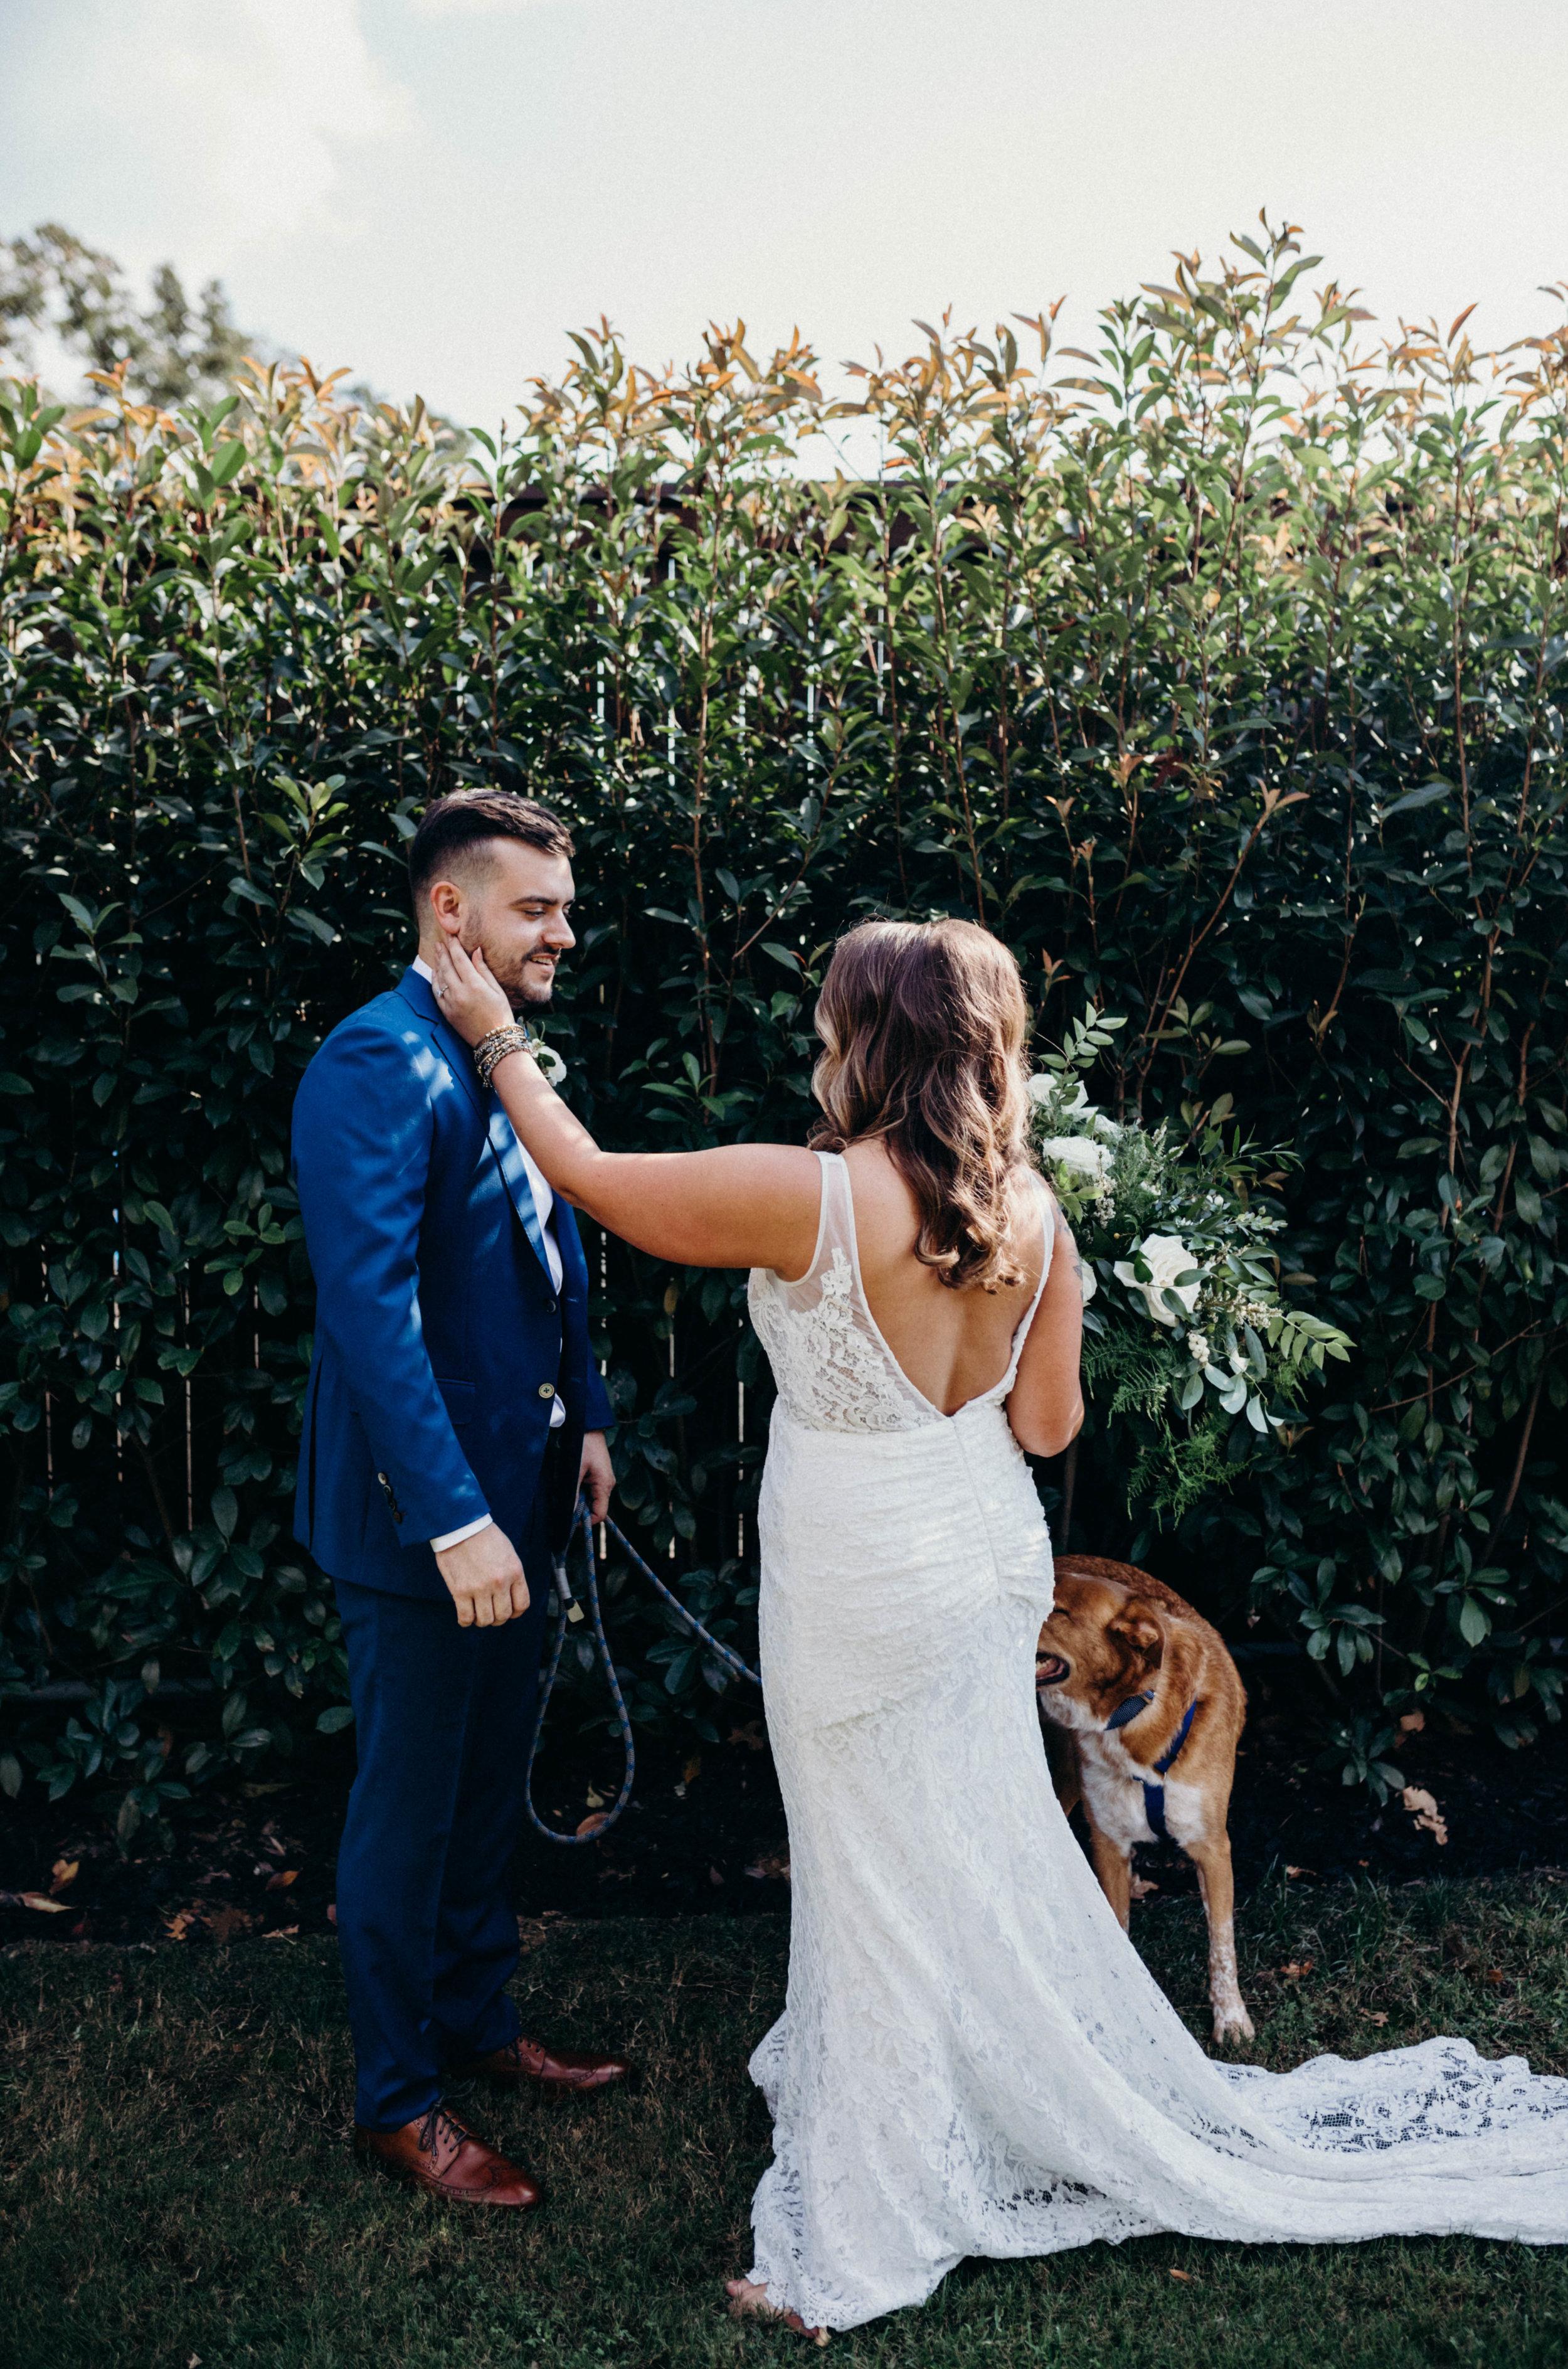 dietzen_aubrey-texas-the-springs-wedding_007-1.jpg